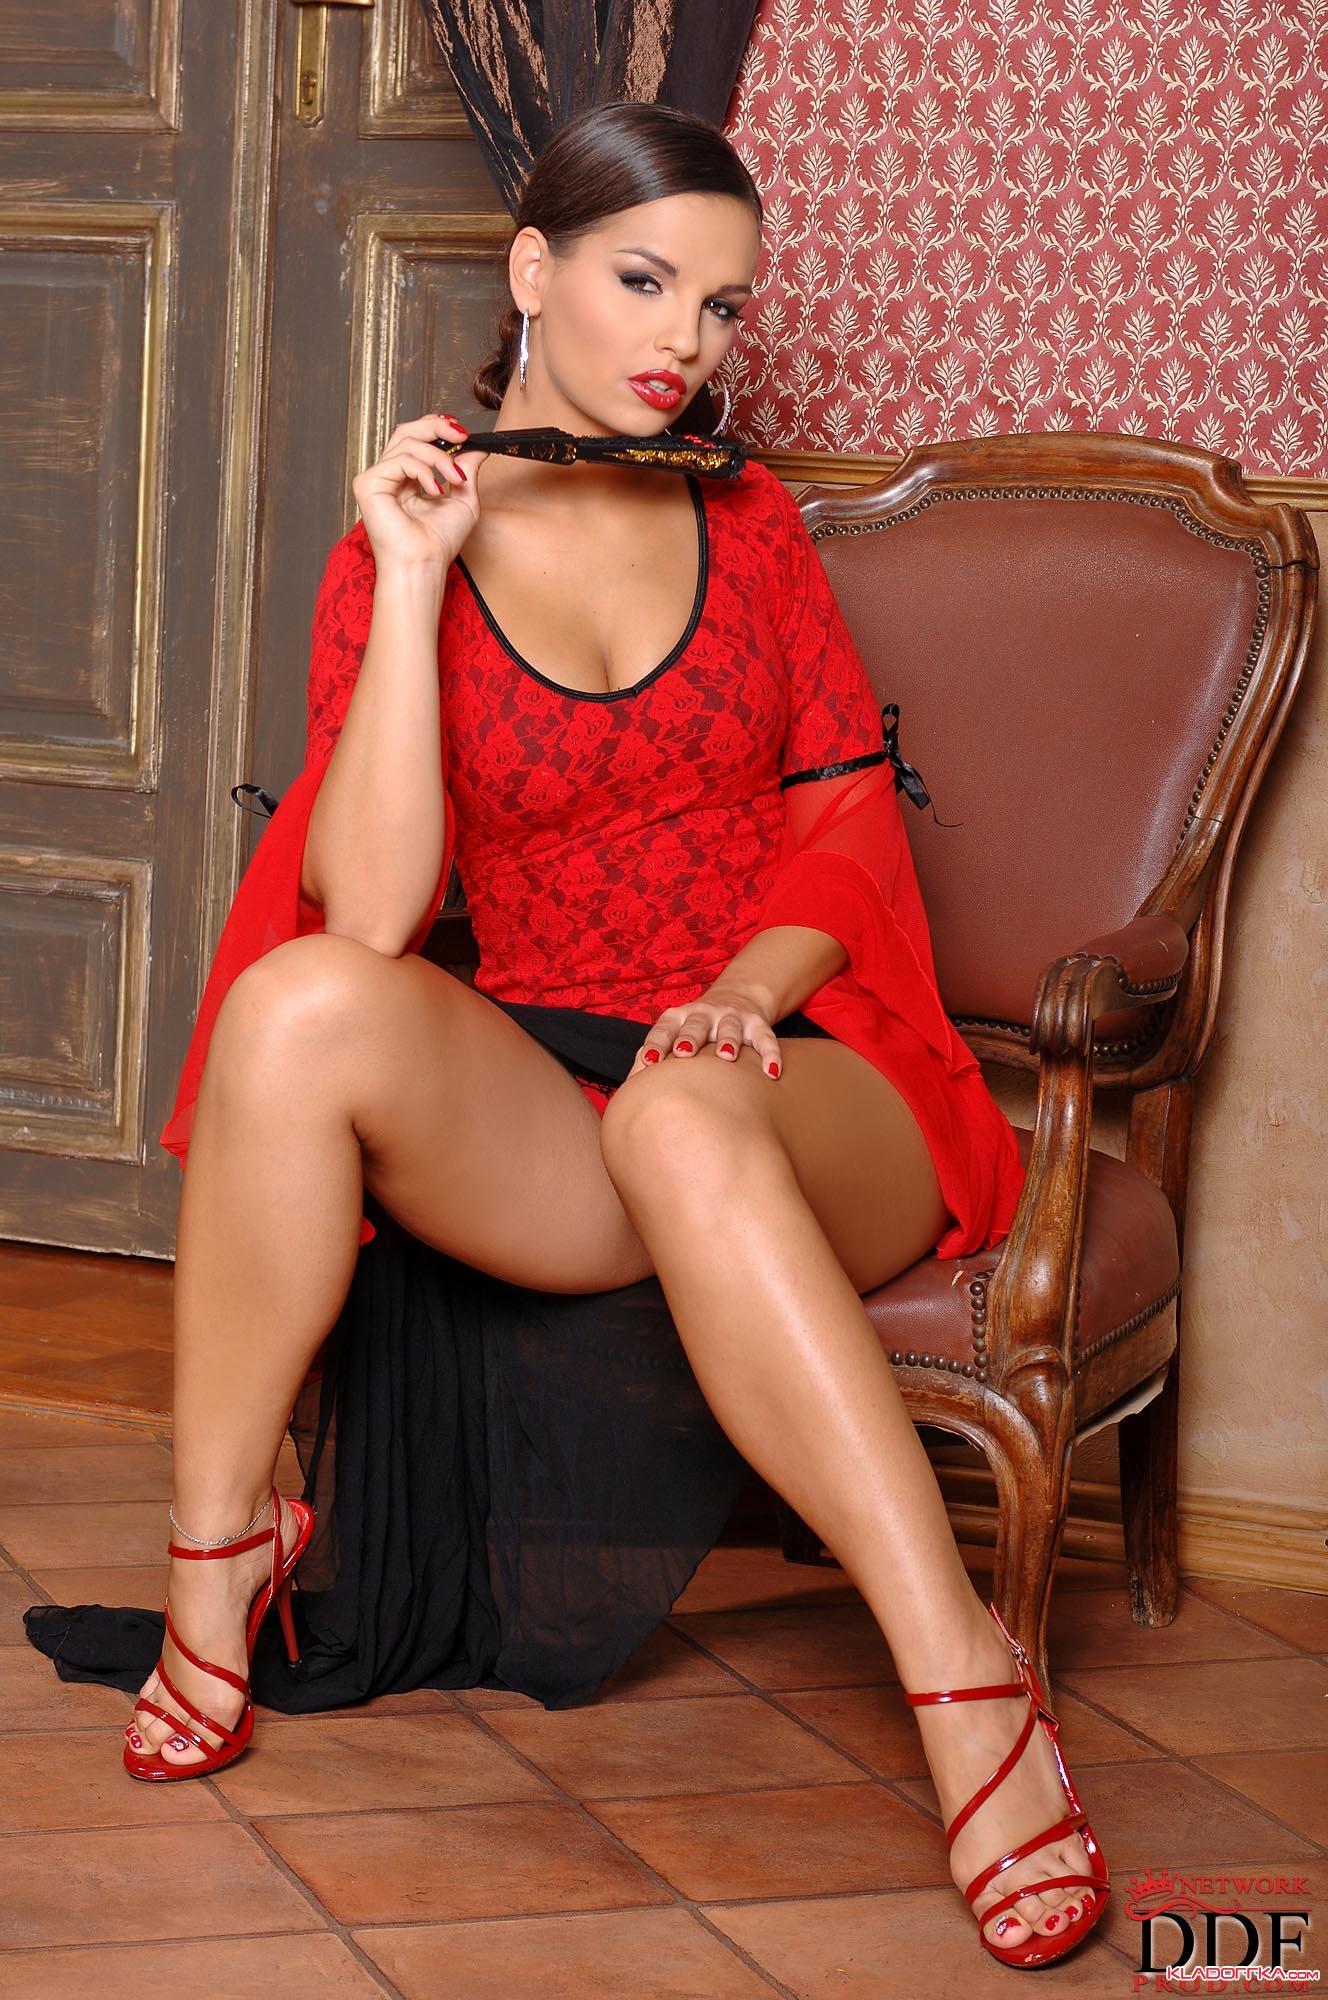 Голая порно звезда Eve Angel смотреть онлайн 2 фото